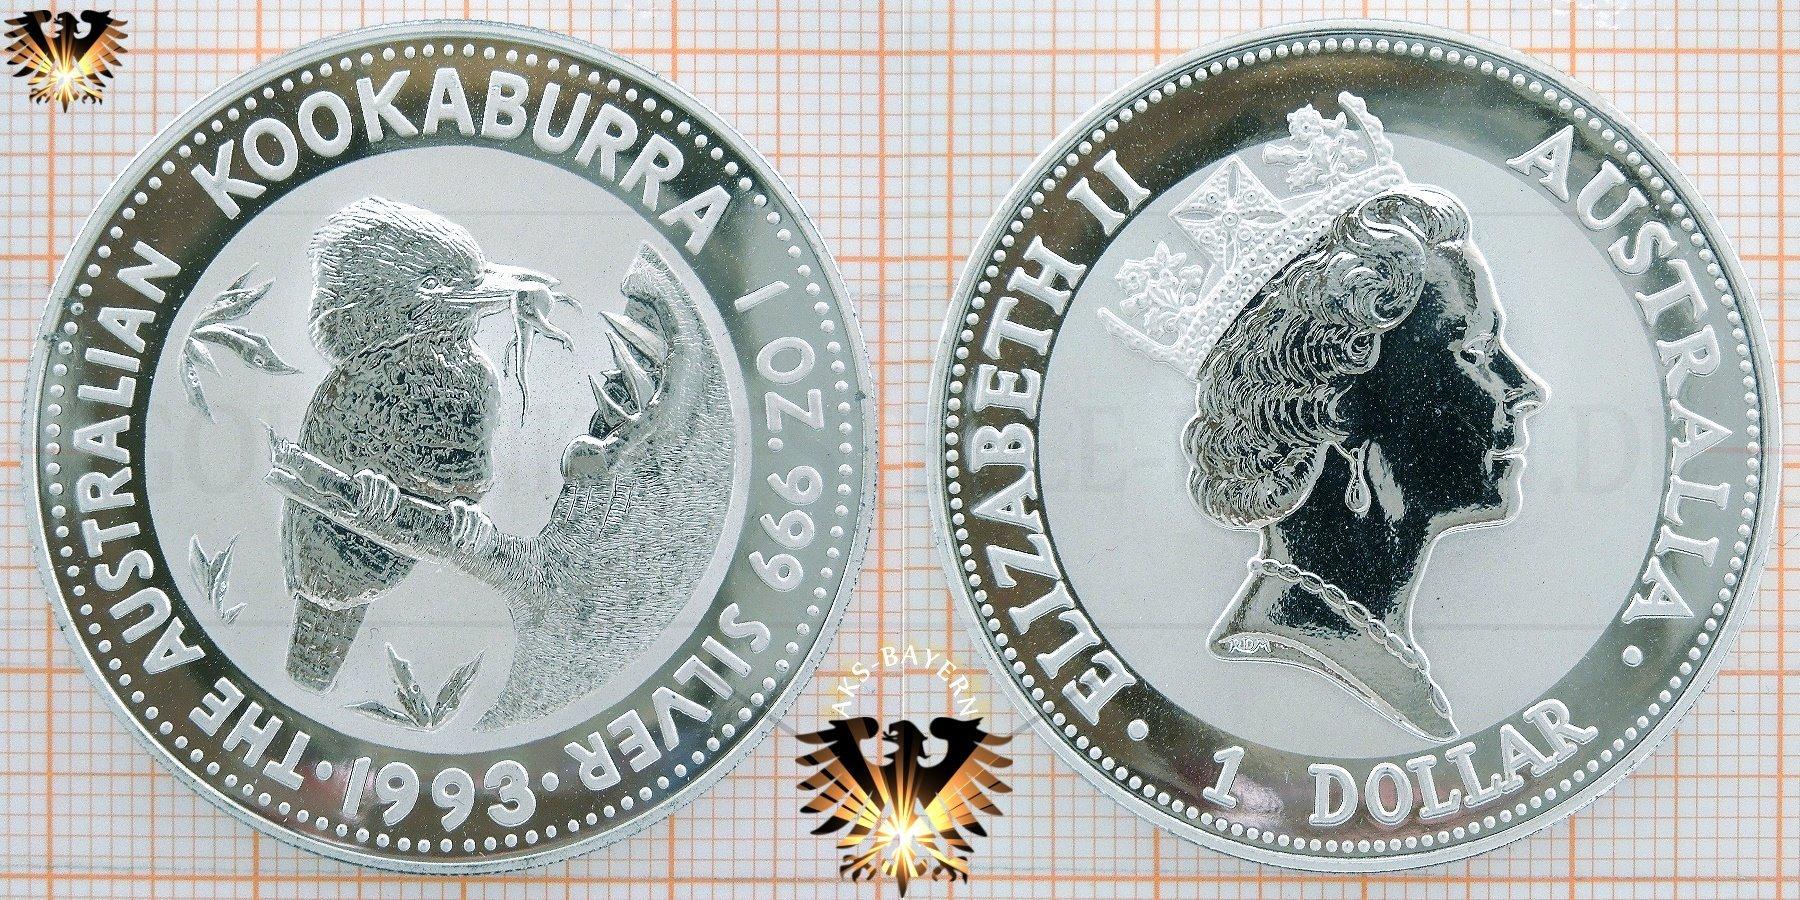 Stuttgarter Münzenmesse 2010 | probleme bet365 gratis guthaben ohne einzahlung retrait bet365 planeten gewinnen 365 wonodds Sammlermünzen